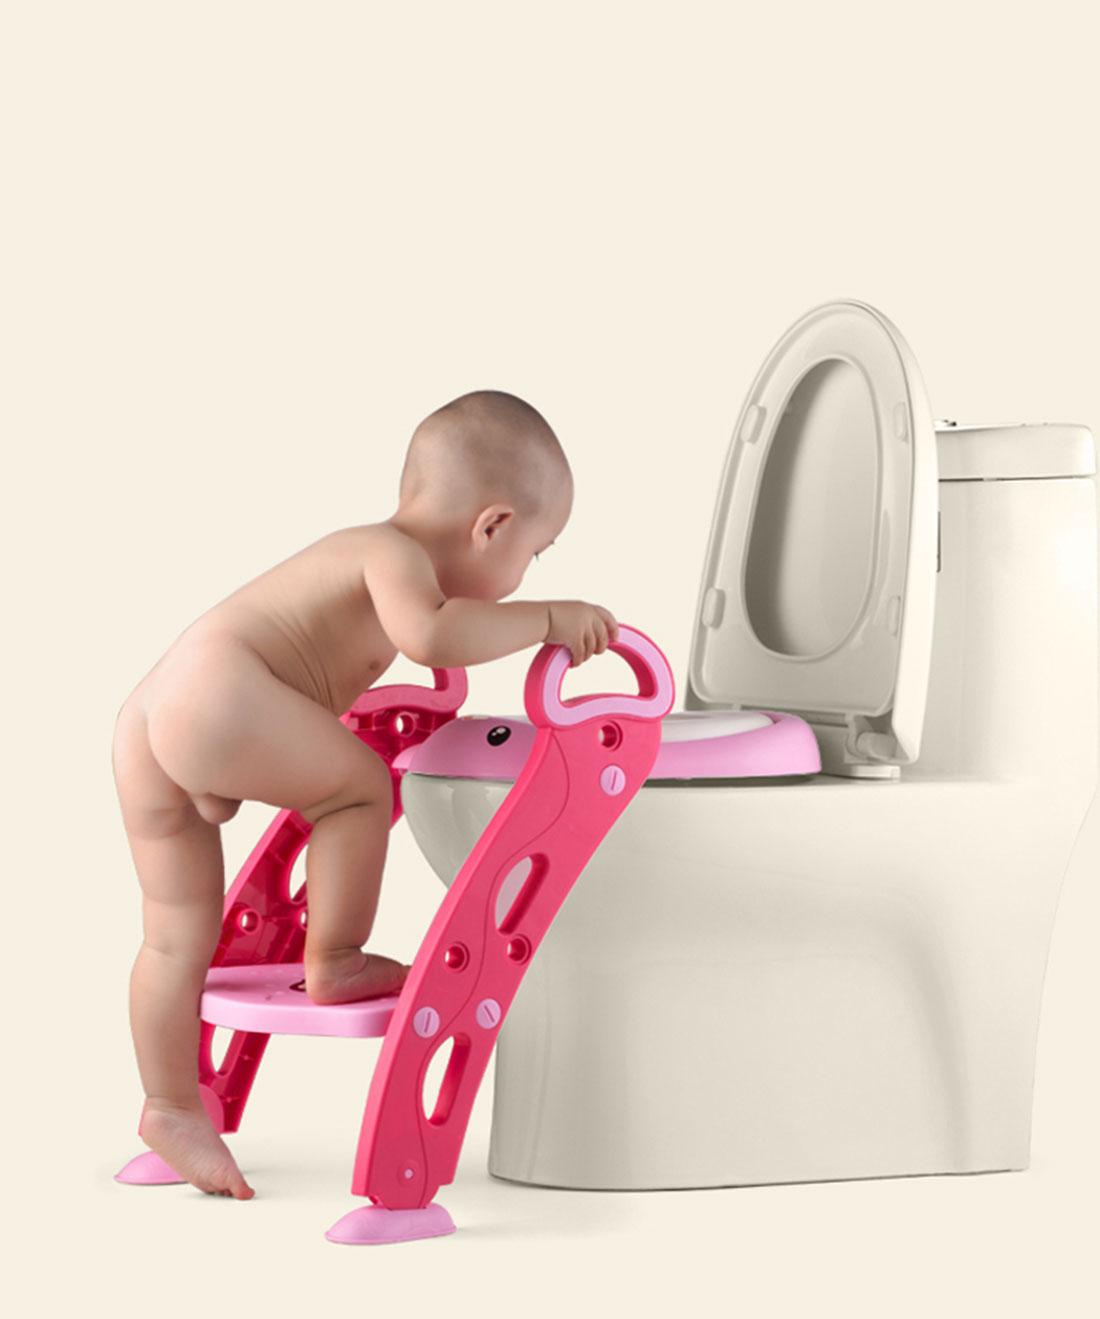 [해외]새로운 브랜드 3 색상 어린이 안전 화장실 사다리 아기 PottyFirm Unti 슬립 조절 휴대용 접는 사다리/New Brand 3 Colors Child Safety Toilet Ladder Baby PottyFirm Unti-slip Adjustable P